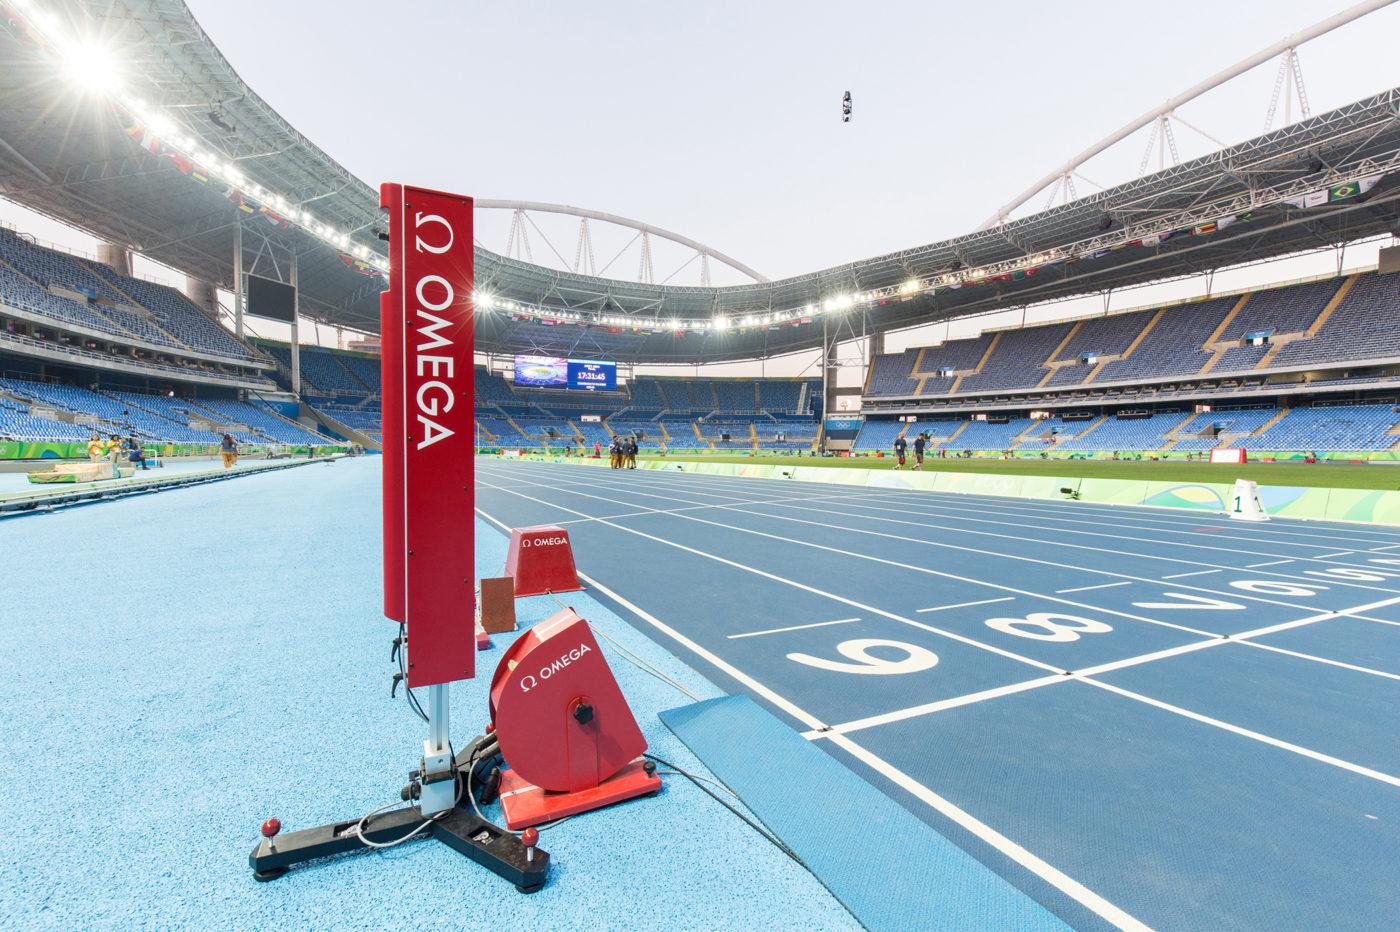 Omega i pomiar czasu na igrzyskach olimpijskich